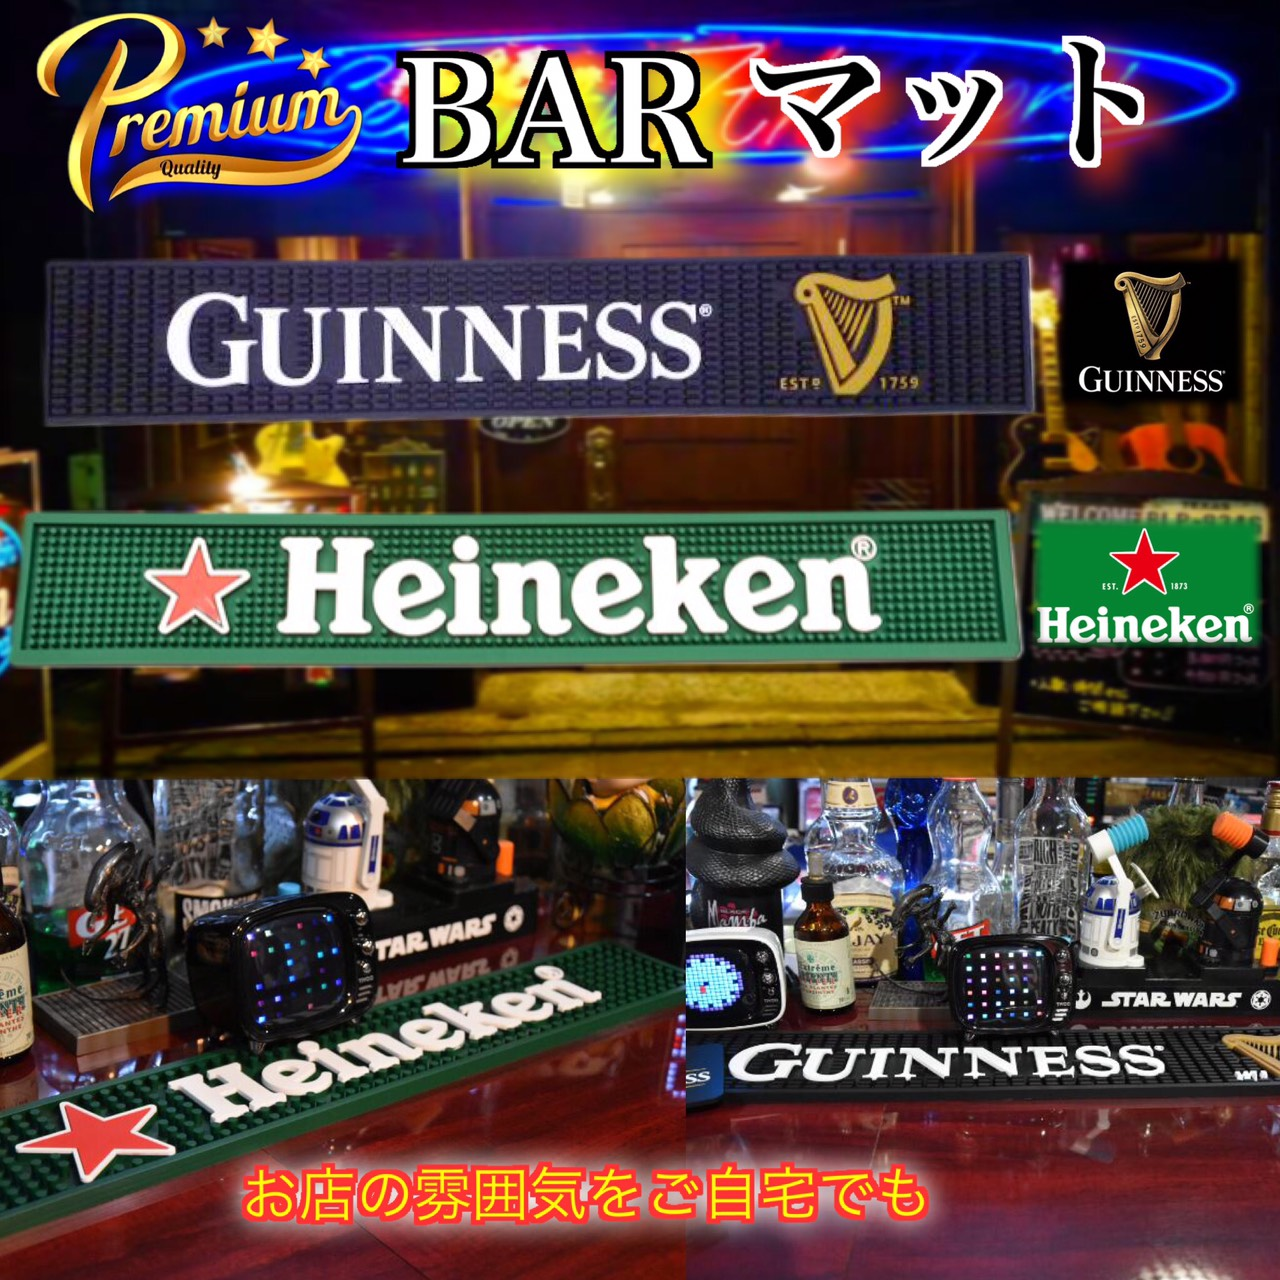 Heineken GUINNESS バー用品 おうちバー おうちBAR ホームBAR HomeBar アメリカン雑貨 アメリカ ラバーマット インテリア おしゃれ ハイネケン シェイカー 在宅 飲酒 着後レビューで選べる特典 お酒 ギネス 新作からSALEアイテム等お得な商品満載 マドラー バーマット オンラインショップ